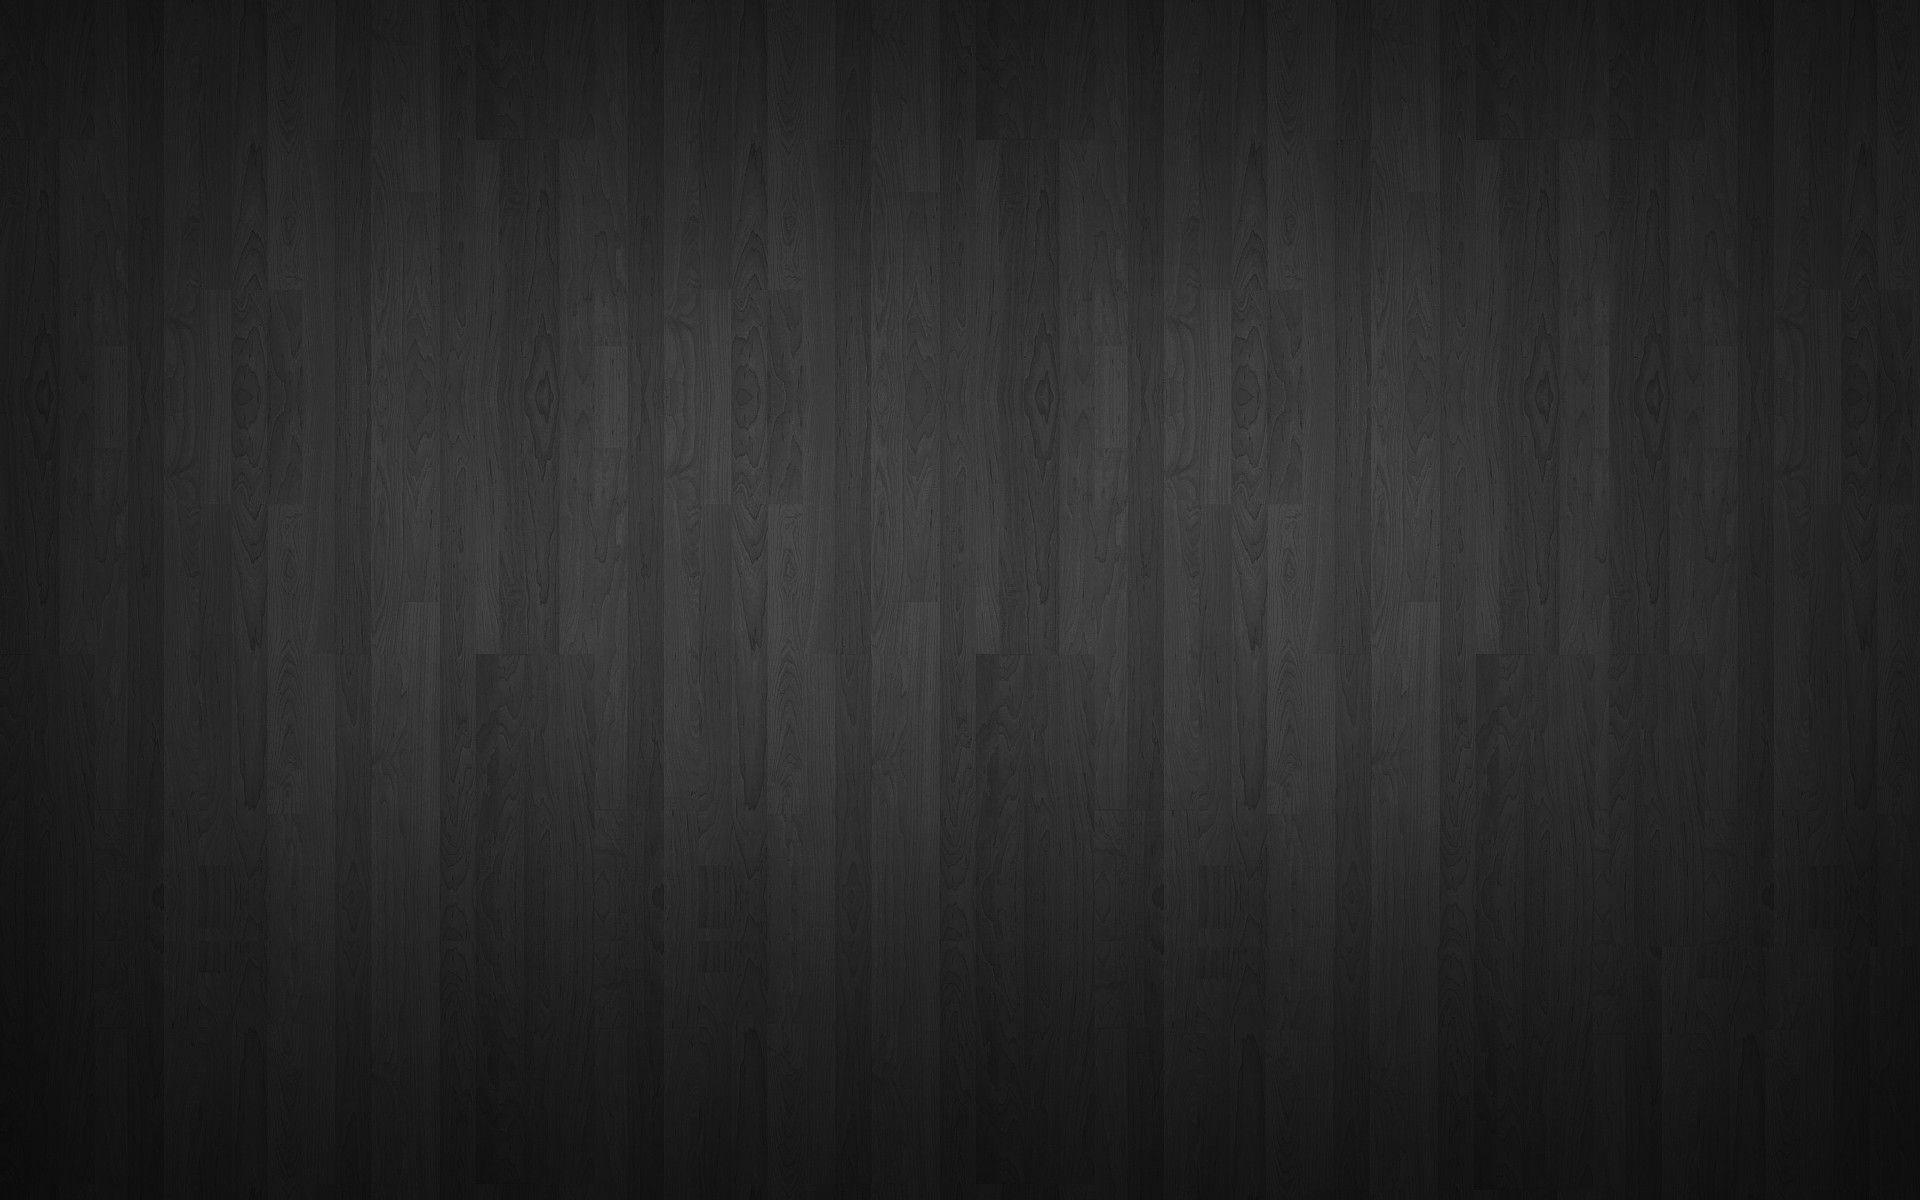 Plain Black Wallpaper Collection 1920×1080 Plain